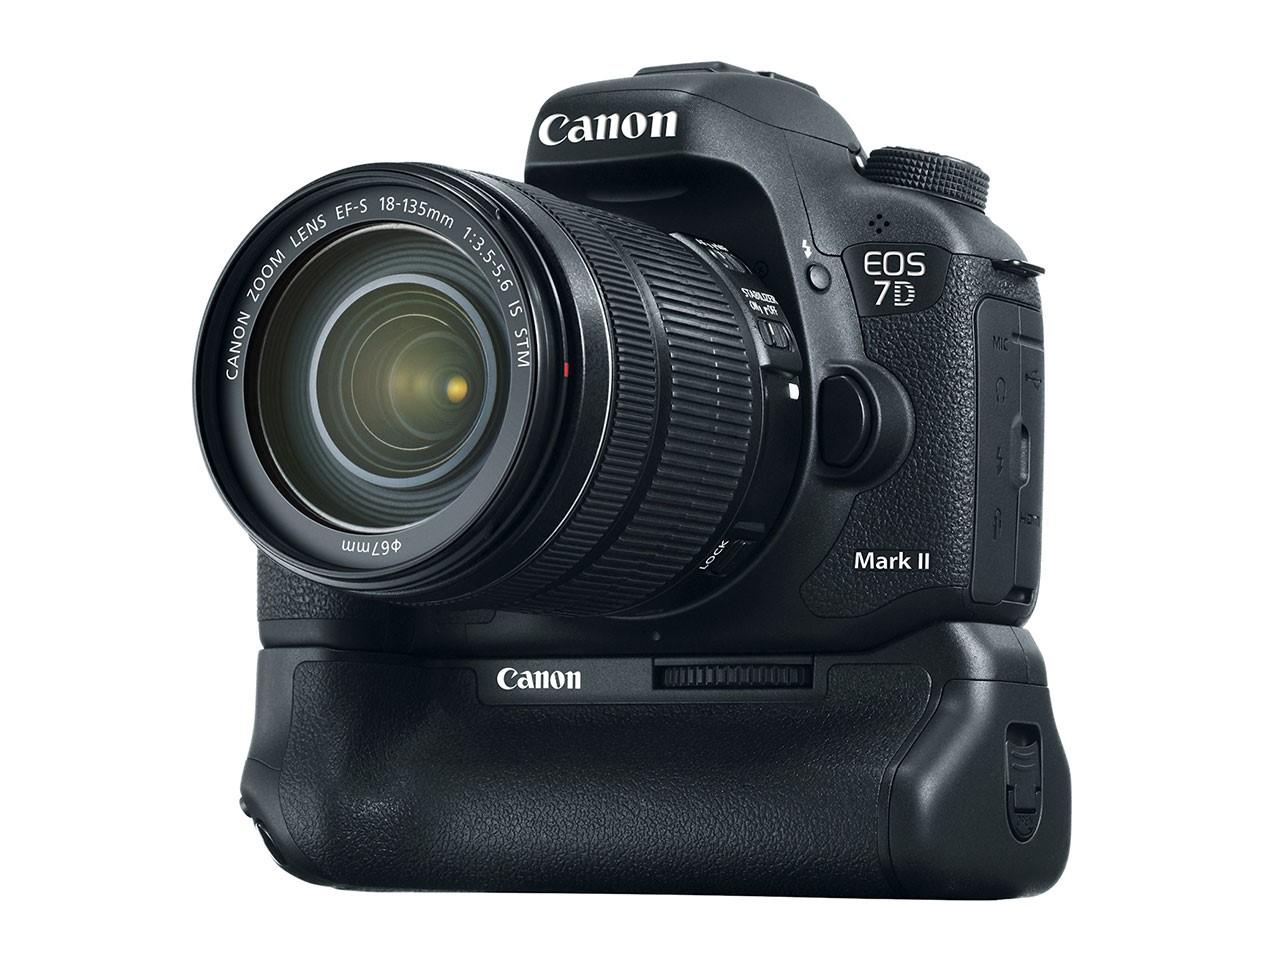 canon eos 7d mark 2 price